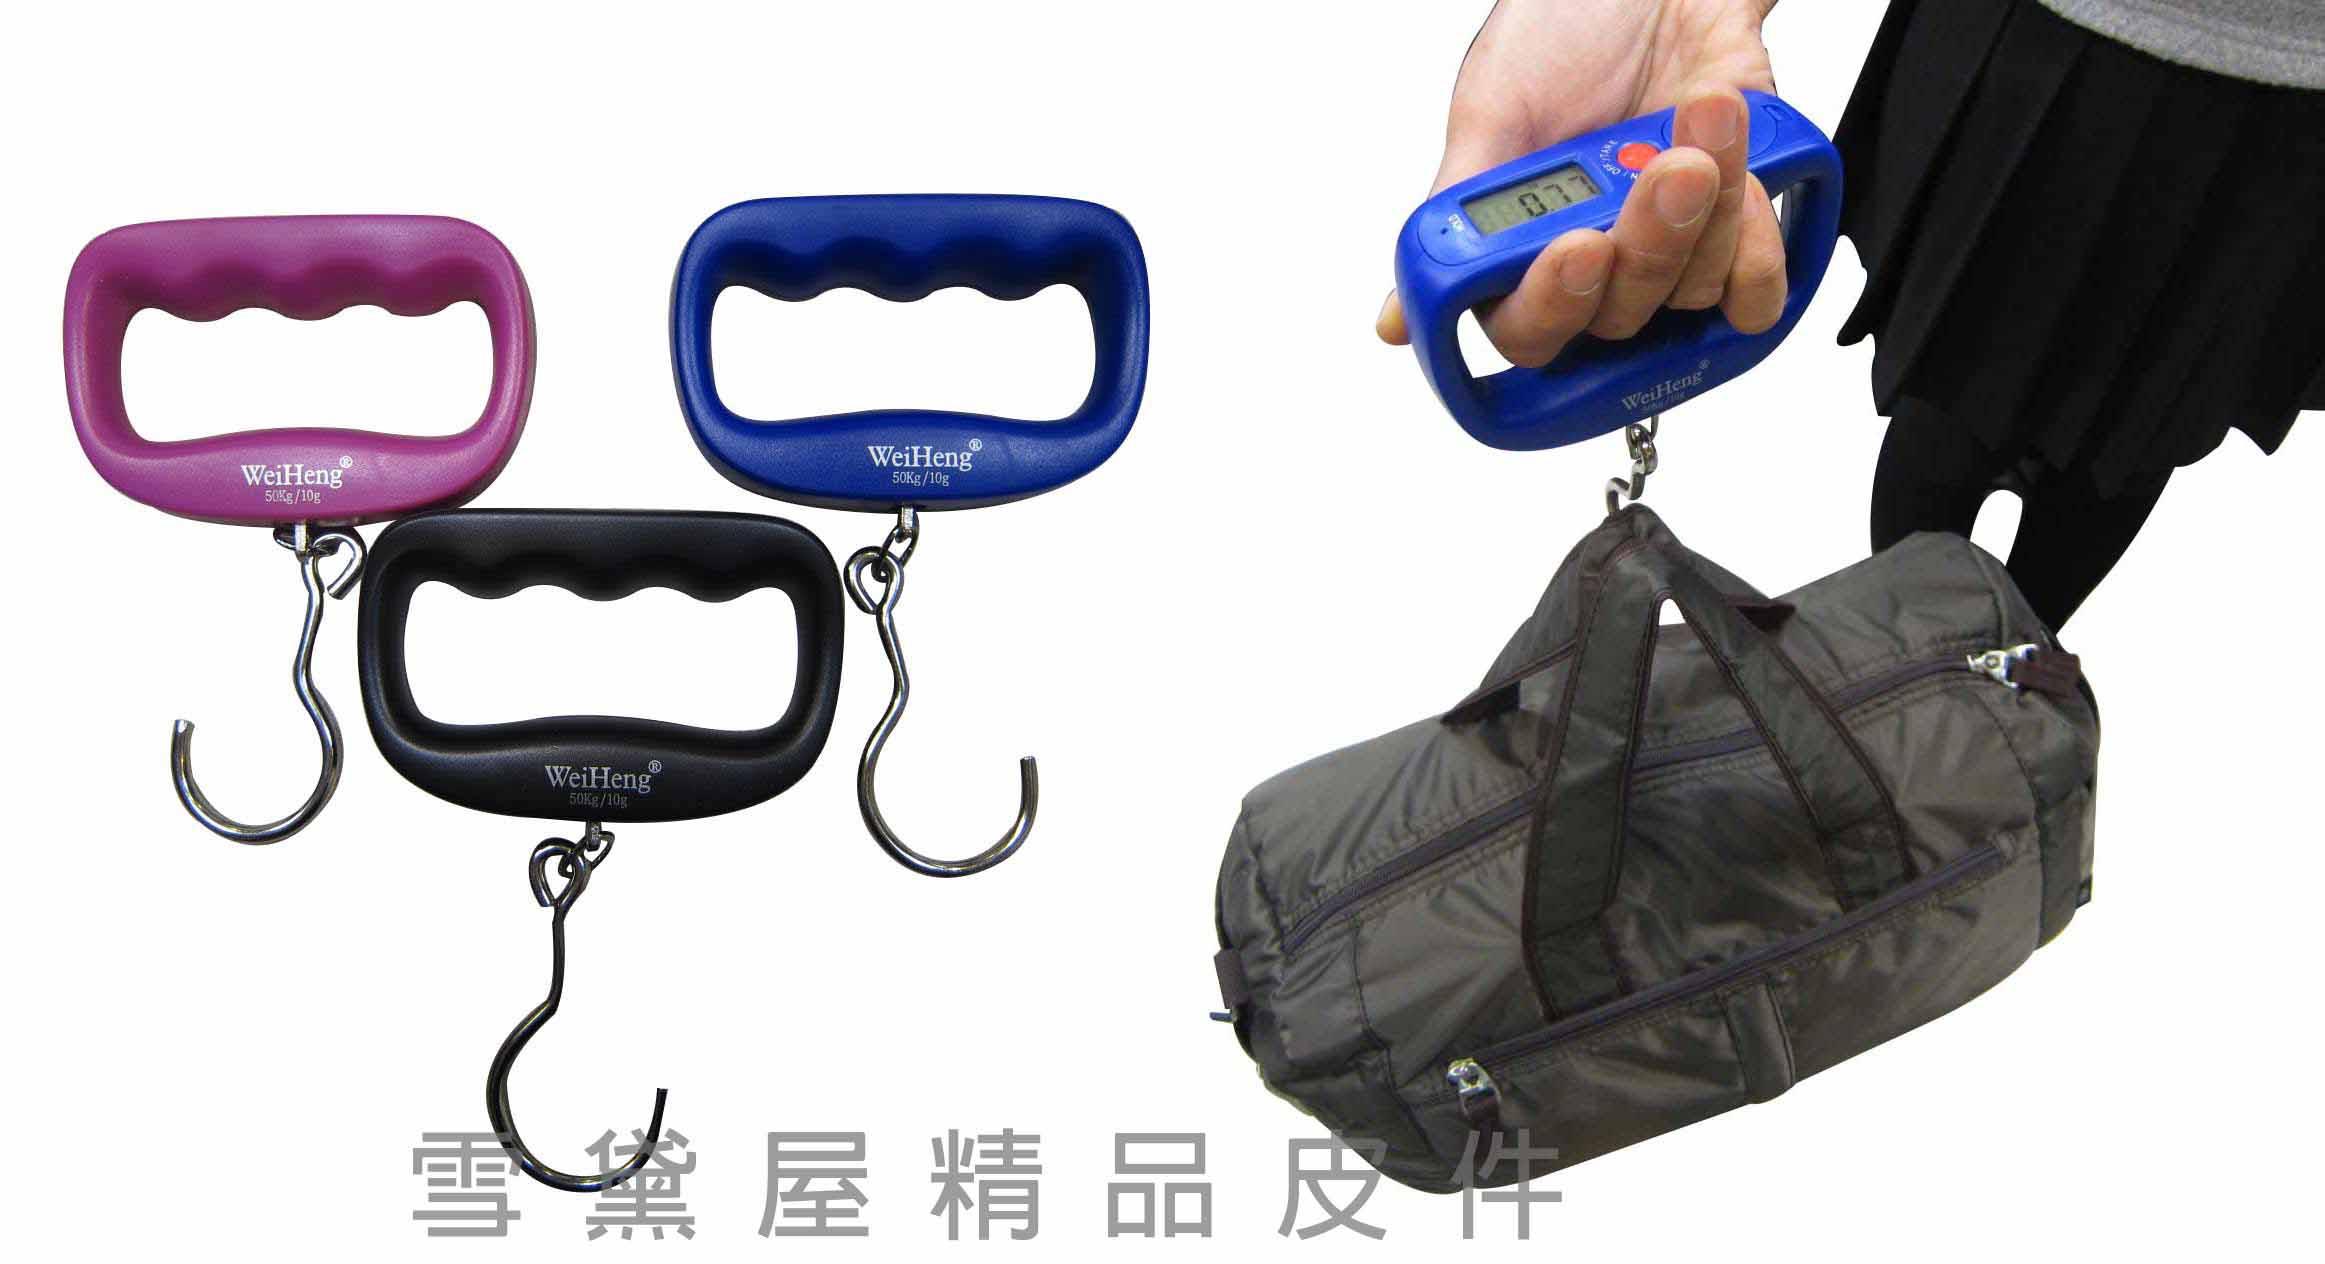 ~雪黛屋~Weiheng 電子秤行李電子秤0g~50kg範圍均適用使用簡單說明書準確輕巧攜帶0.09kg WH-A14